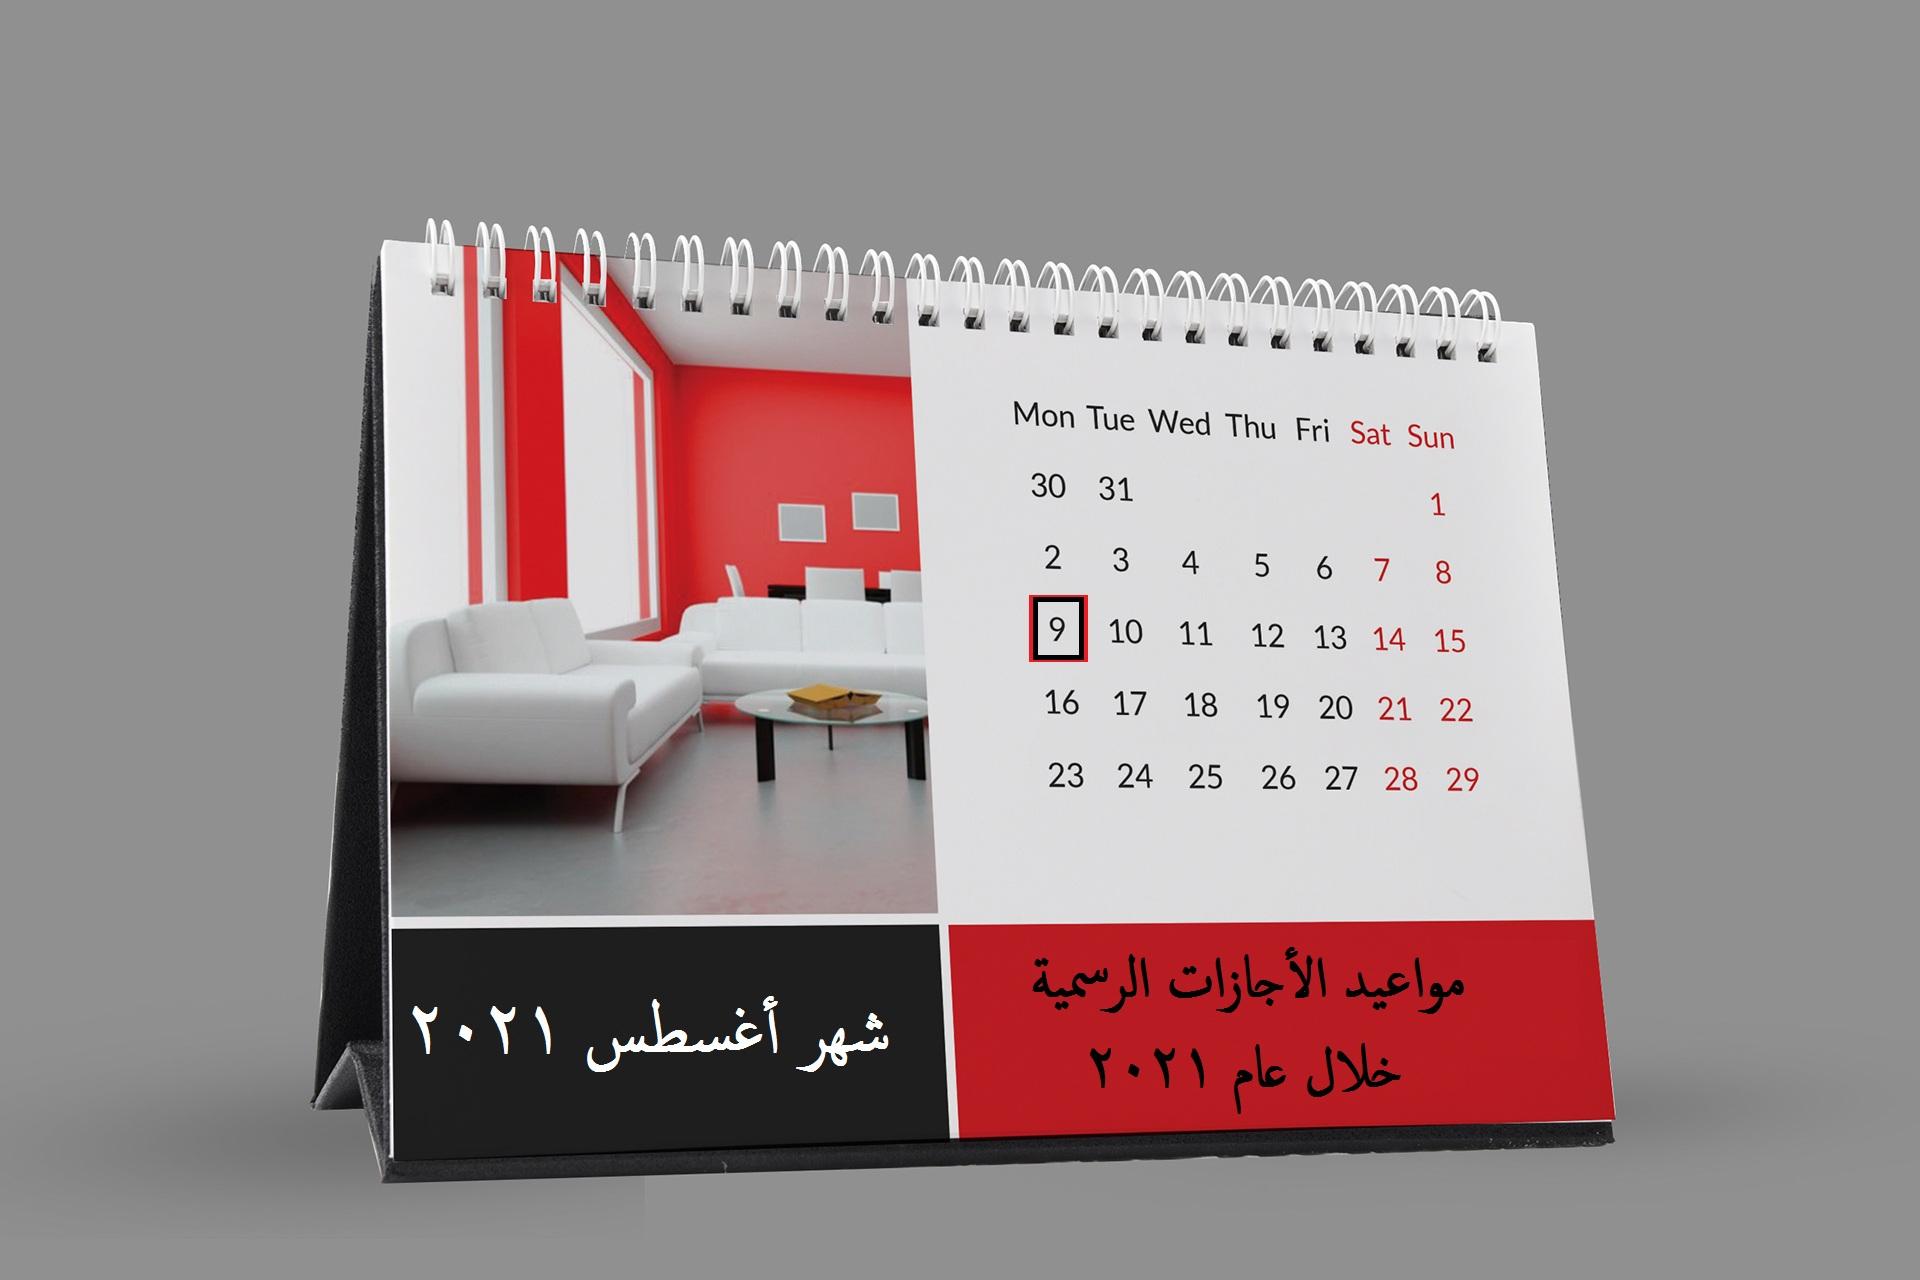 مواعيد الأجازات الرسمية خلال عام 2021 في مصر من شهر يناير وحتي شهر ديسمبر